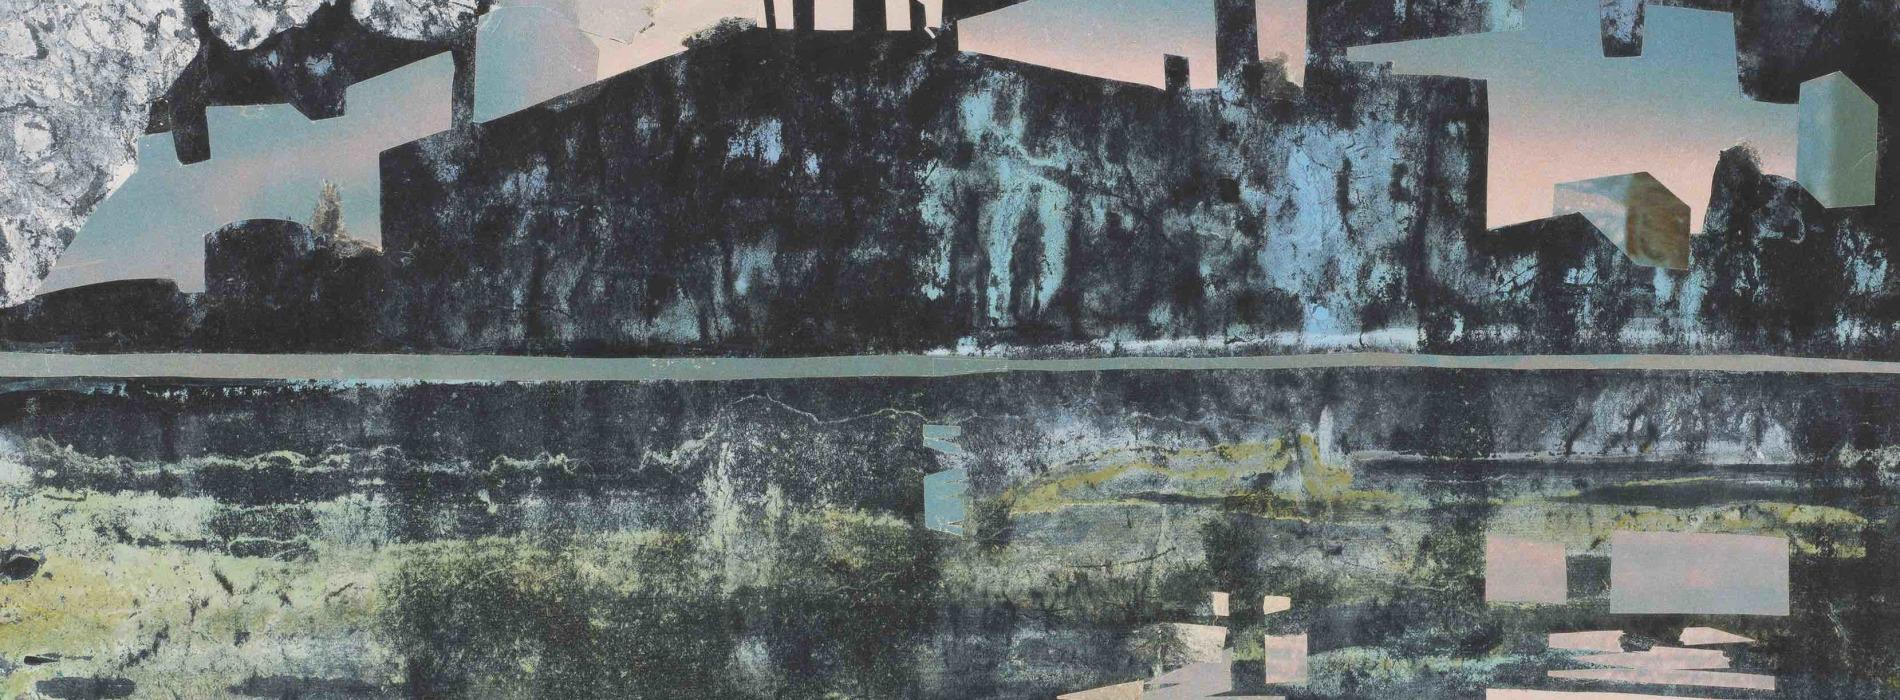 Omaggio a Sara Giusti, le sue città sull'acqua invadono il PAN